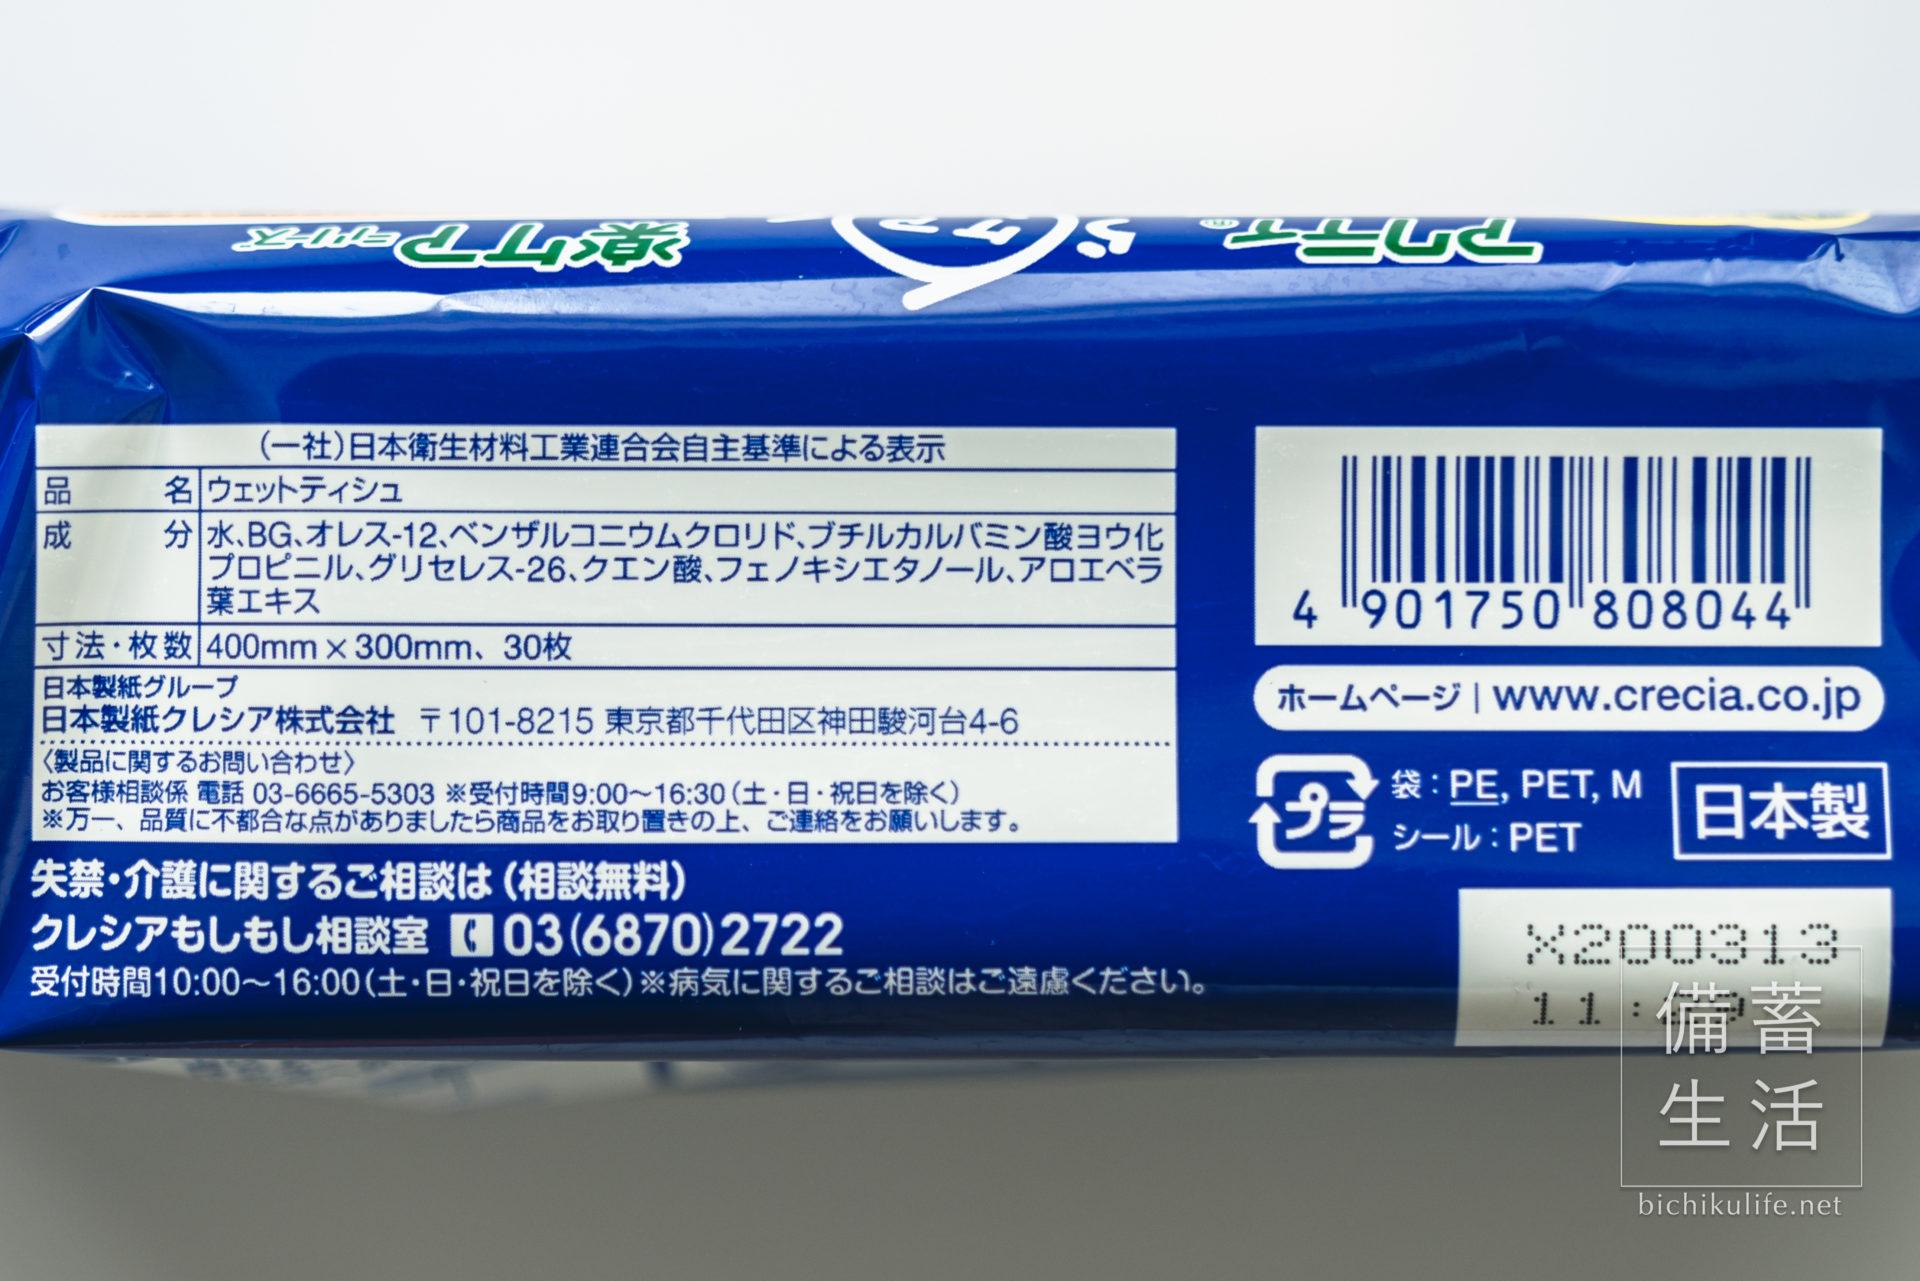 アクティ からだふきタオル (一社)日本衛生材料工業連合会自主基準による表示